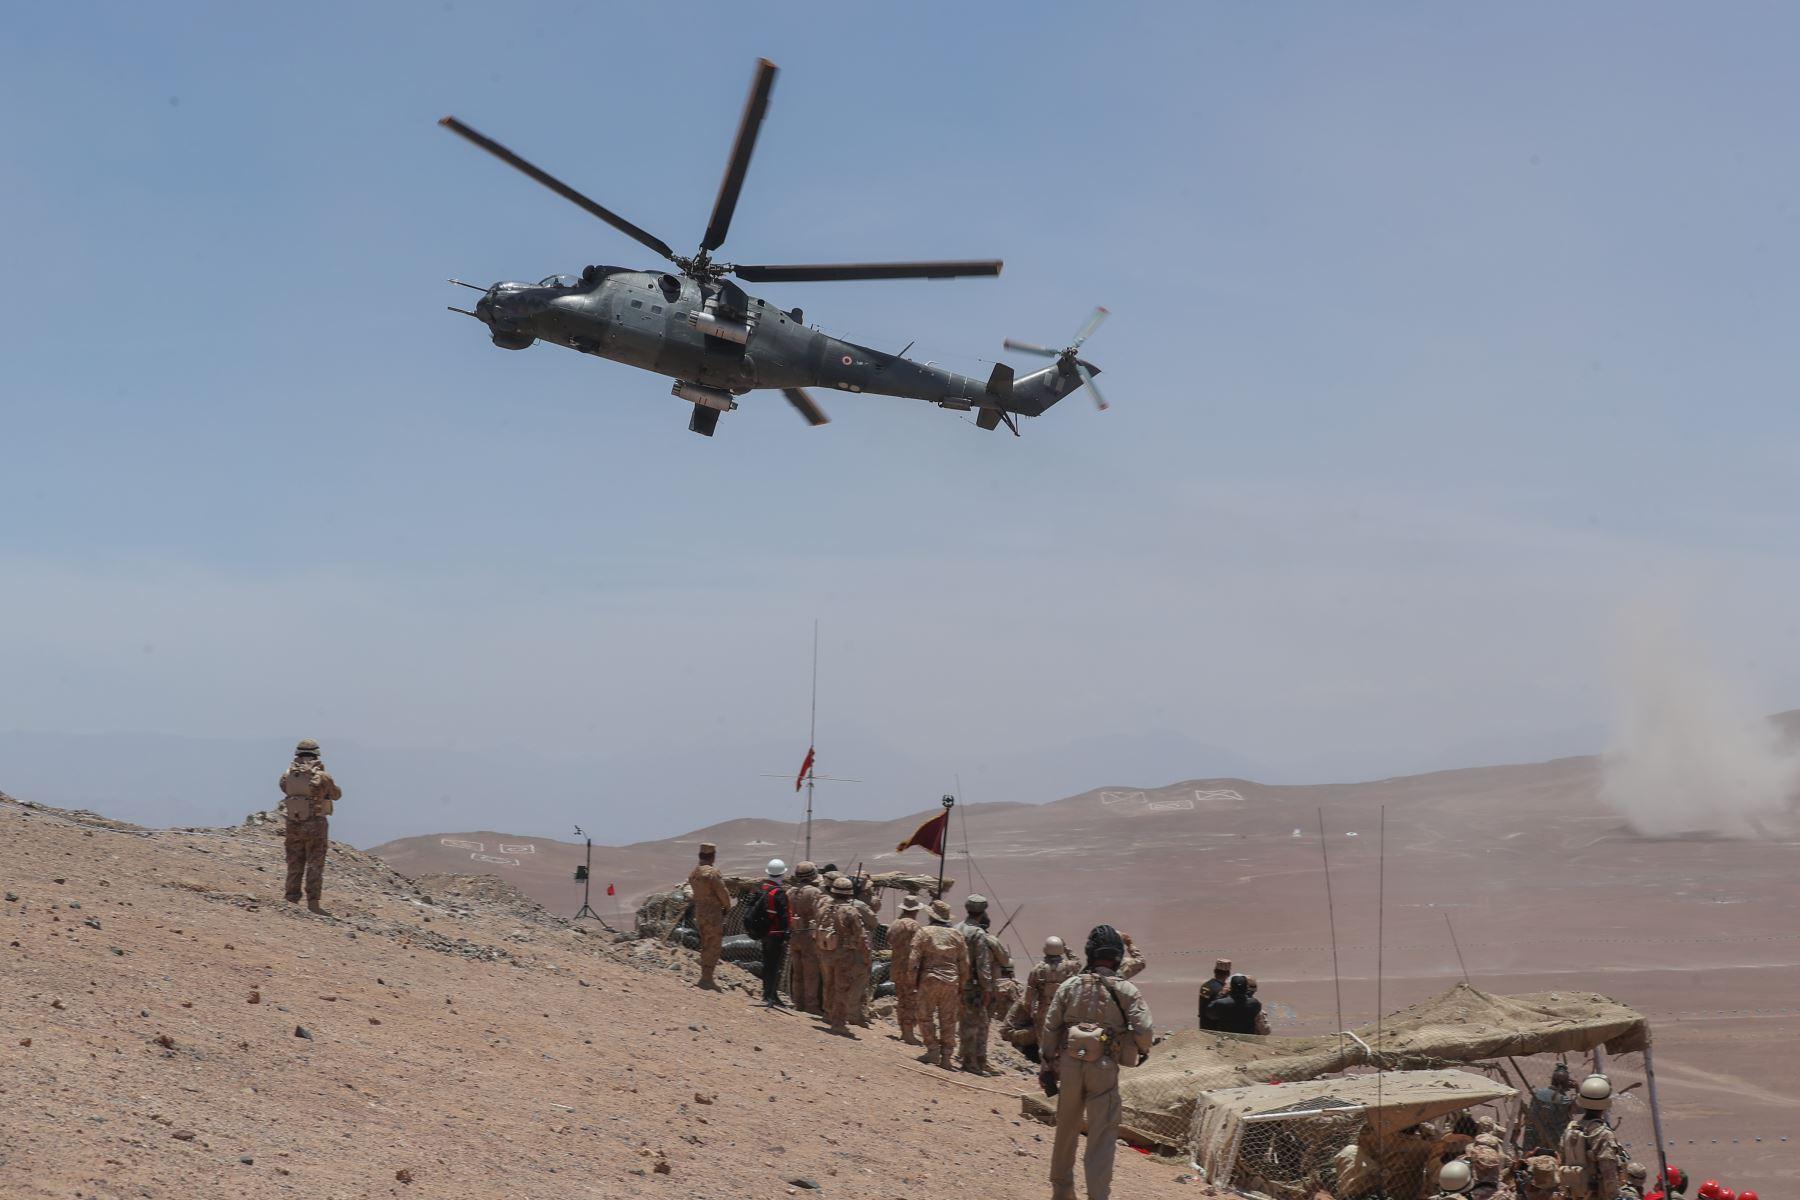 En el campo de maniobras Trelles en Locumba, el ministro de Defensa, supervisó el desarrollo del ejercicio conjunto Escudo II, donde se demostró la capacidad operacional de las FF.AA. Foto: ANDINA/ MINDEF